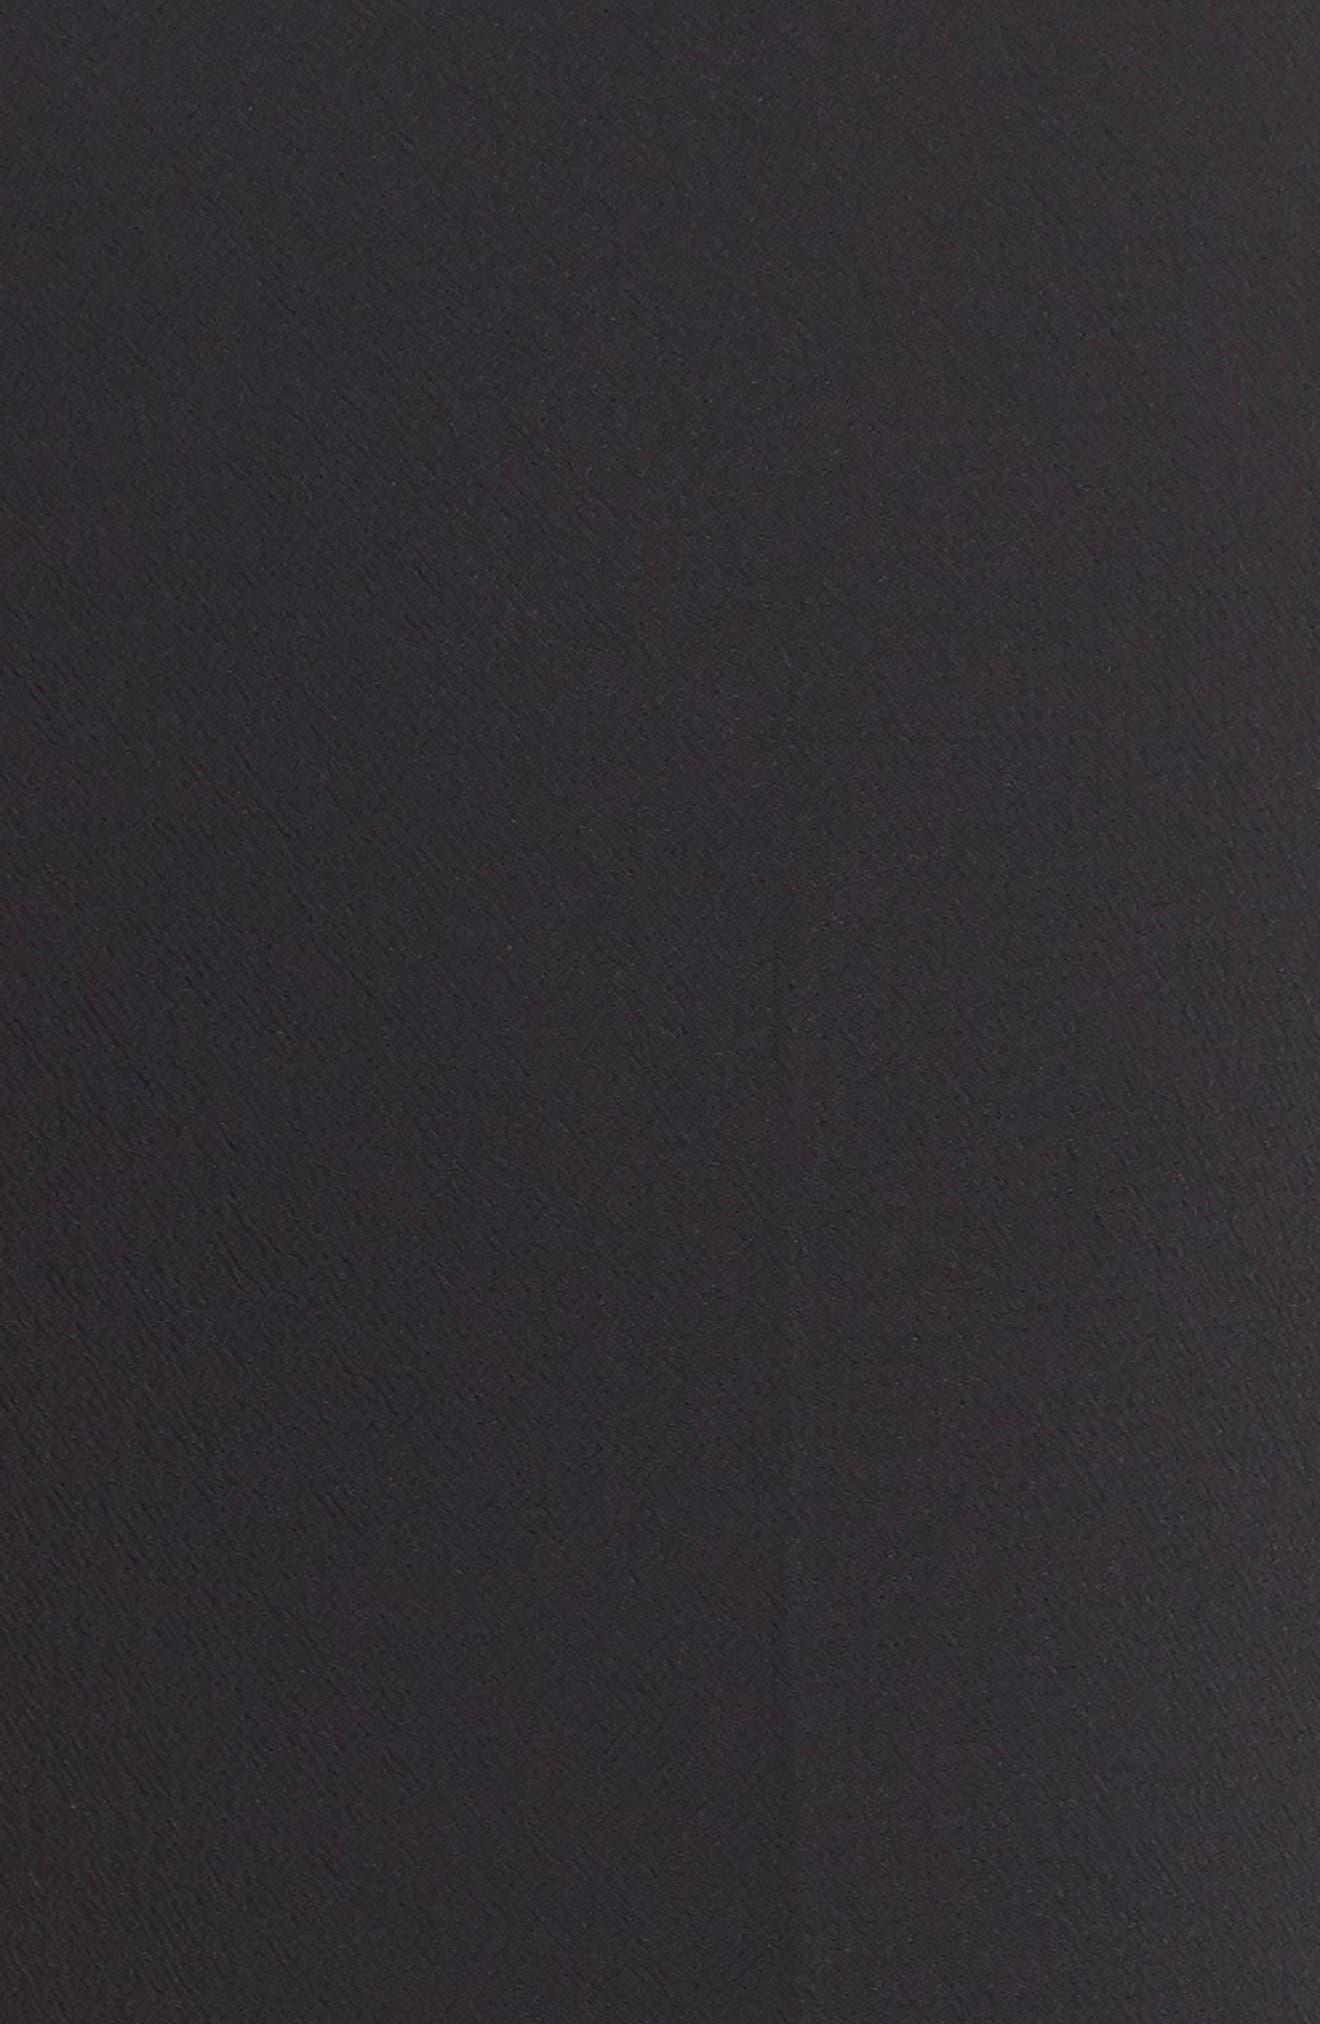 VINCE CAMUTO,                             Parisian Crepe Straight Leg Pants,                             Alternate thumbnail 6, color,                             RICH BLACK